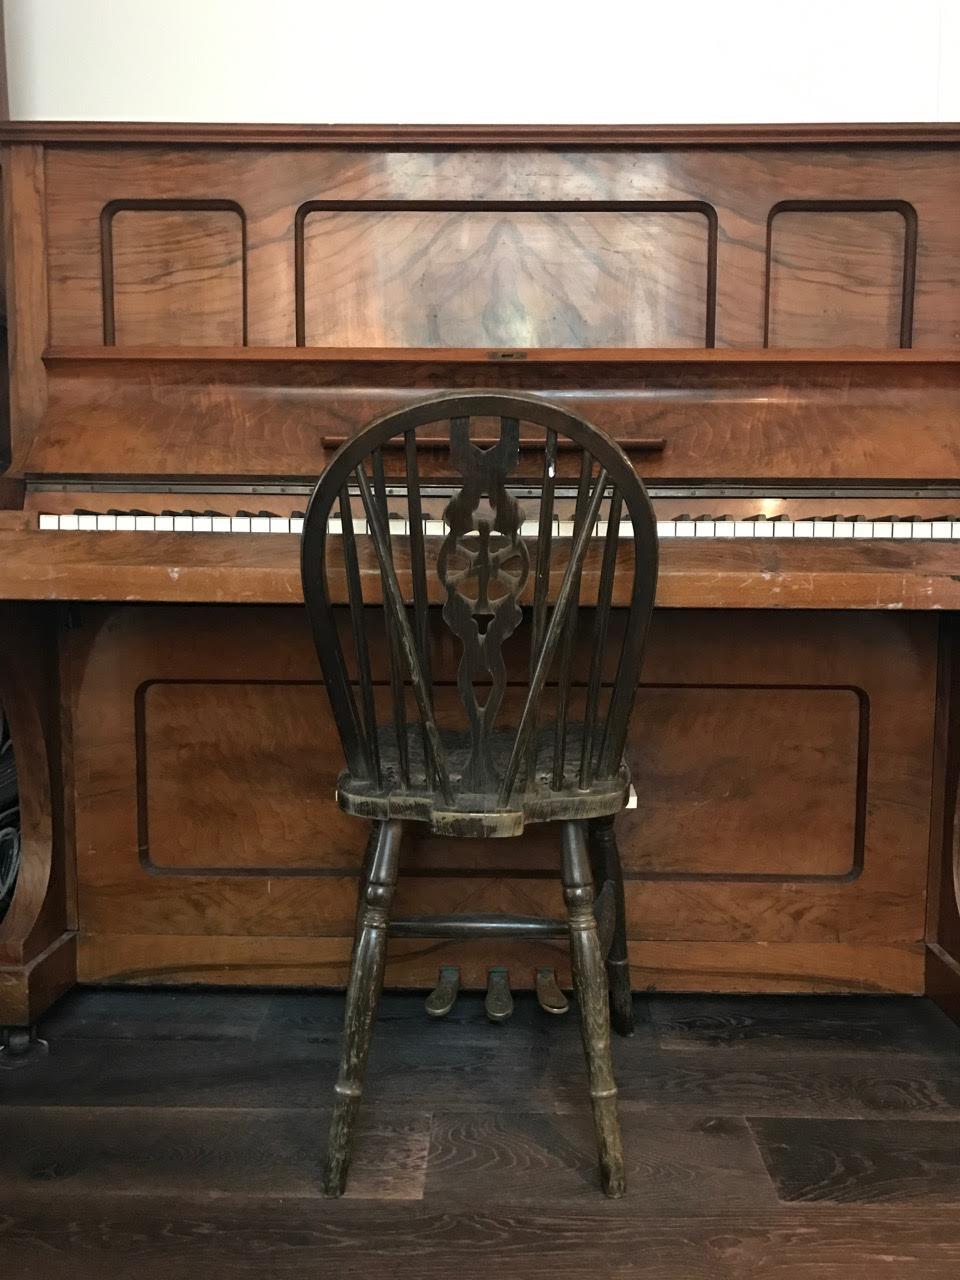 Upright Piano in Studio 2